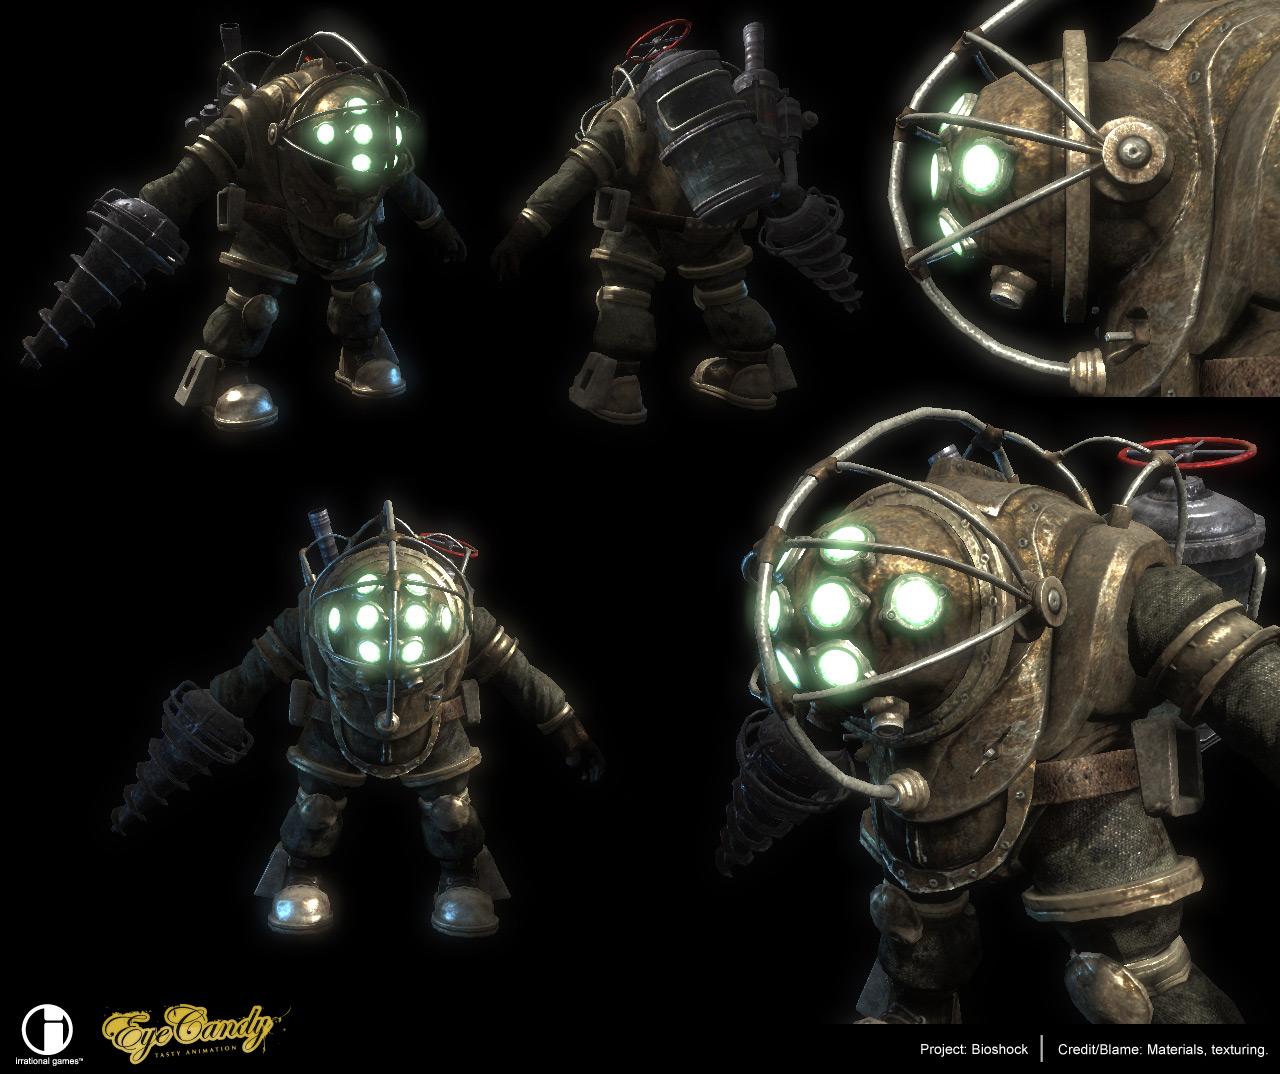 Bild bioshock bioshock wiki rapture - Bioshock wikia ...